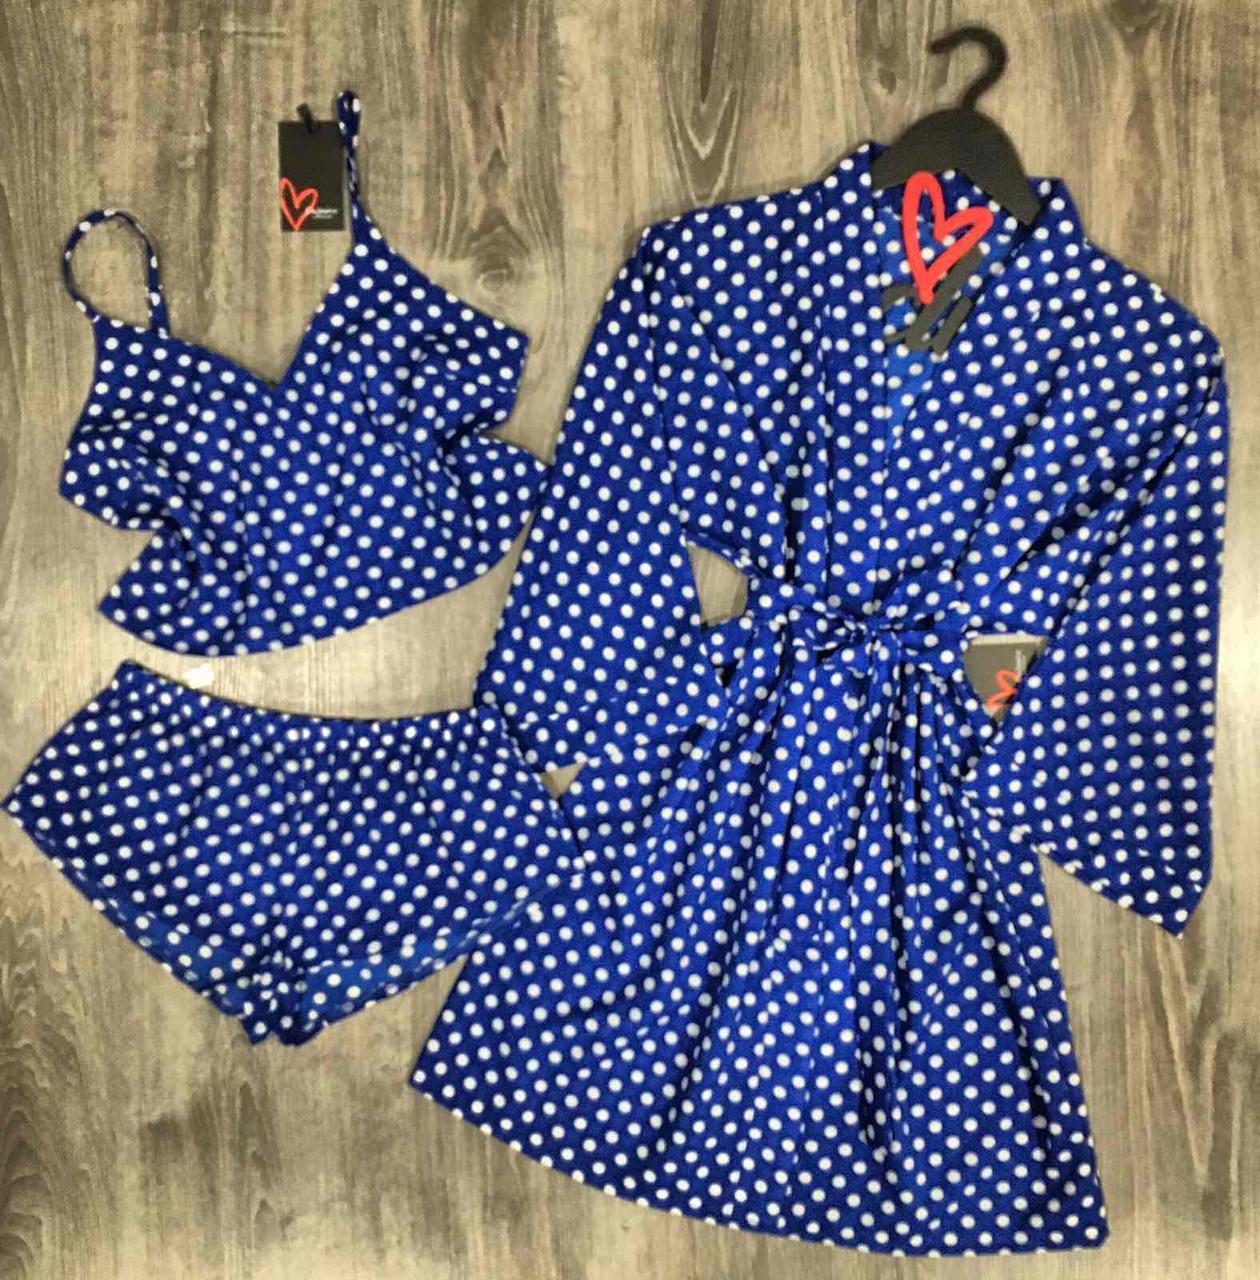 Комплект тройка в горошек халат и пижама с шортами.